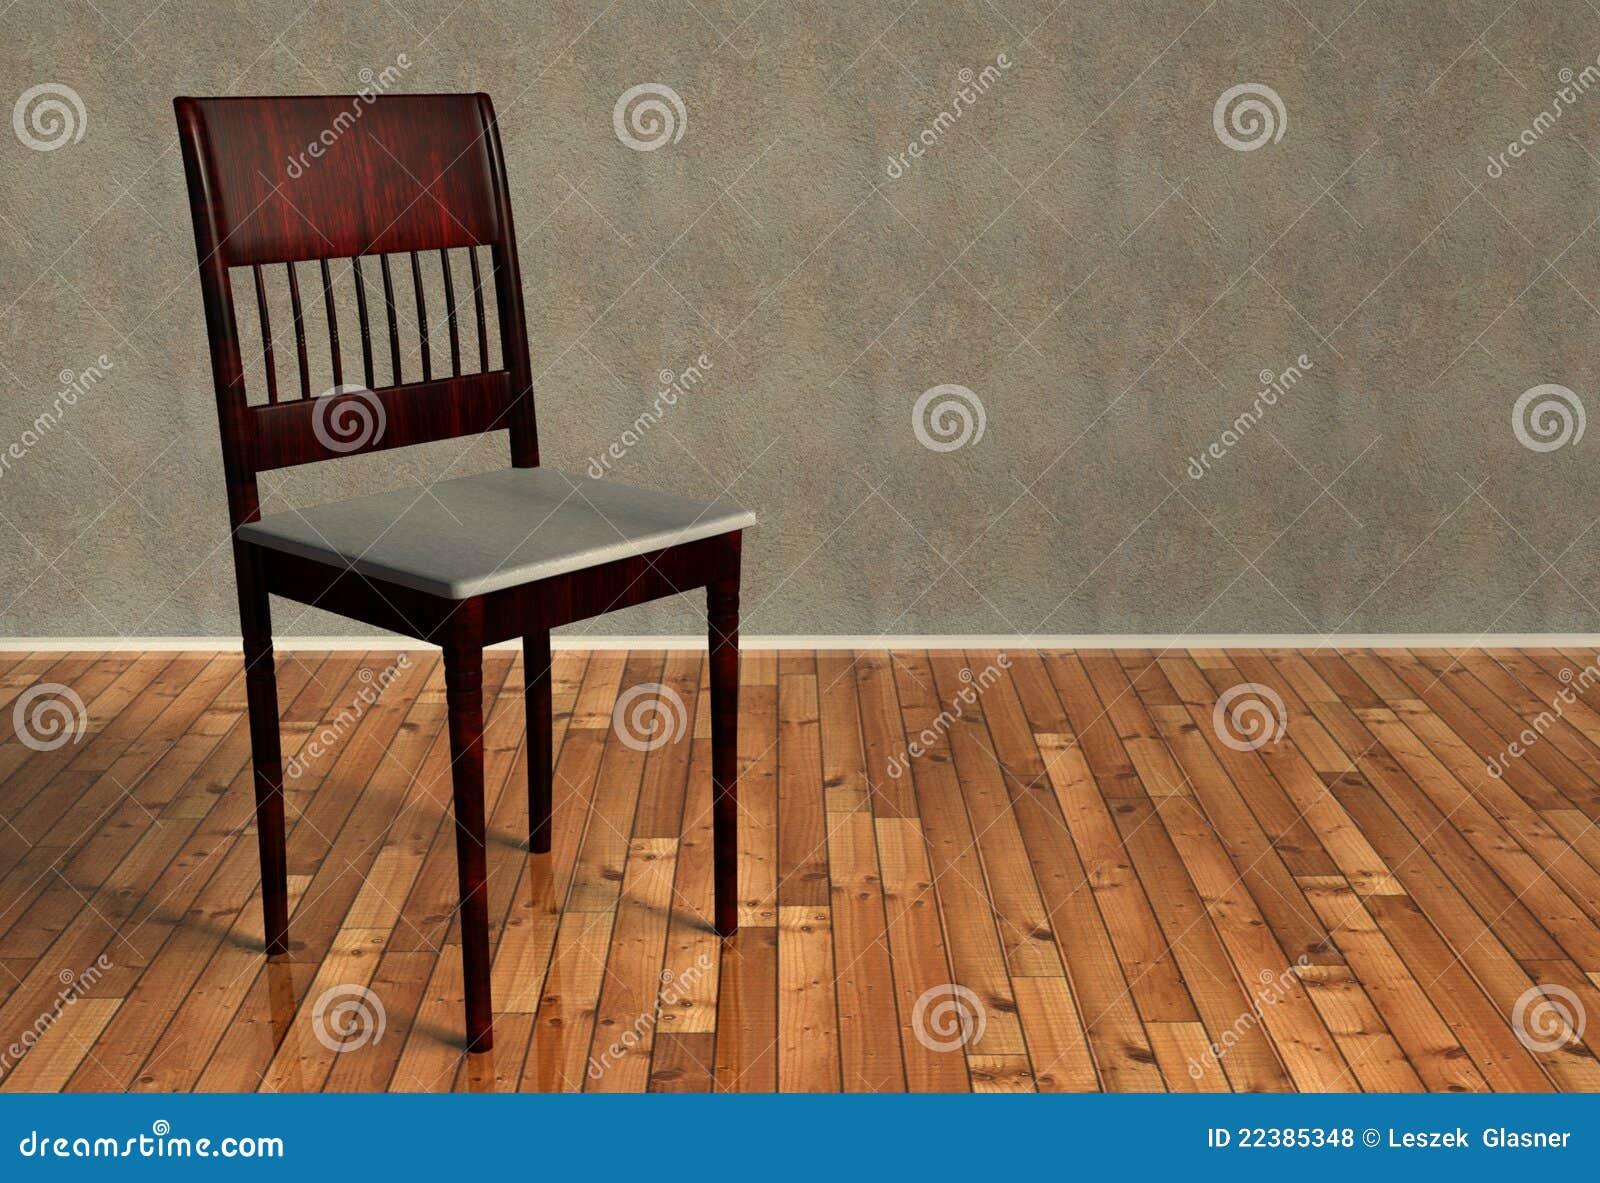 Fußboden 3d Bilder ~ 3d erneuerter retro stuhl auf hölzernem fußboden stock abbildung